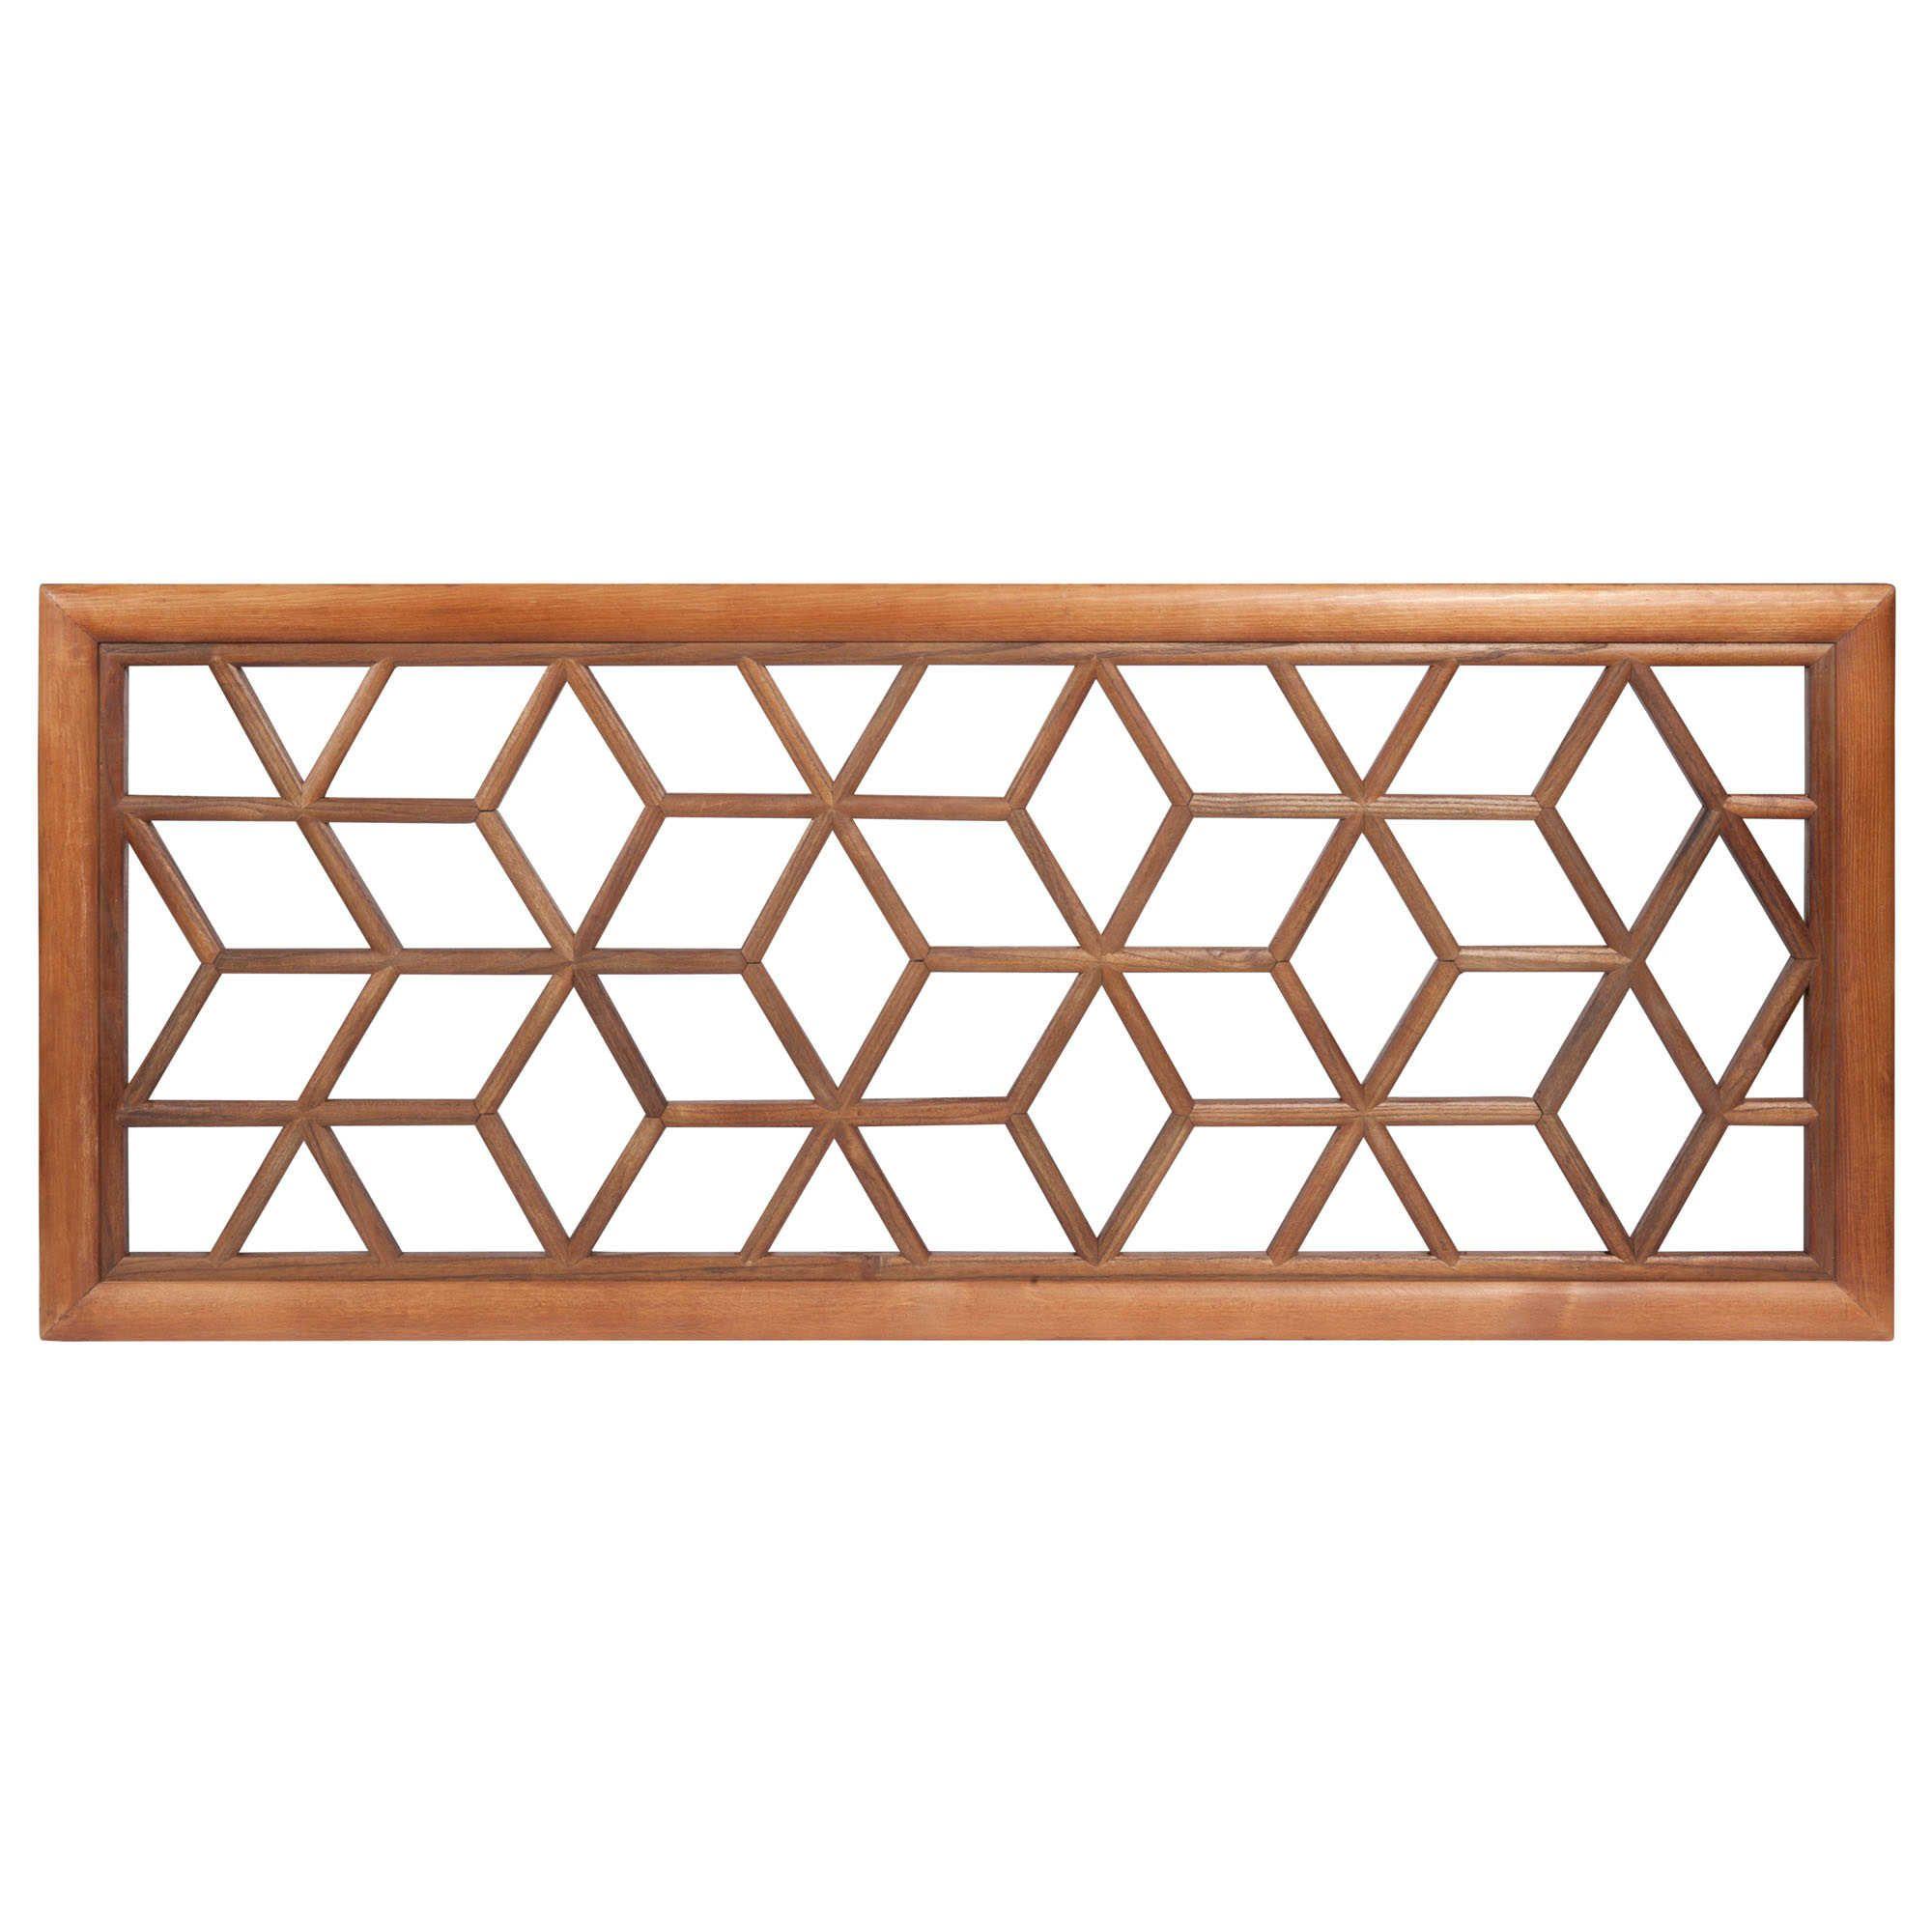 Erkunde Wanddeko Holz Wandbilder und noch mehr